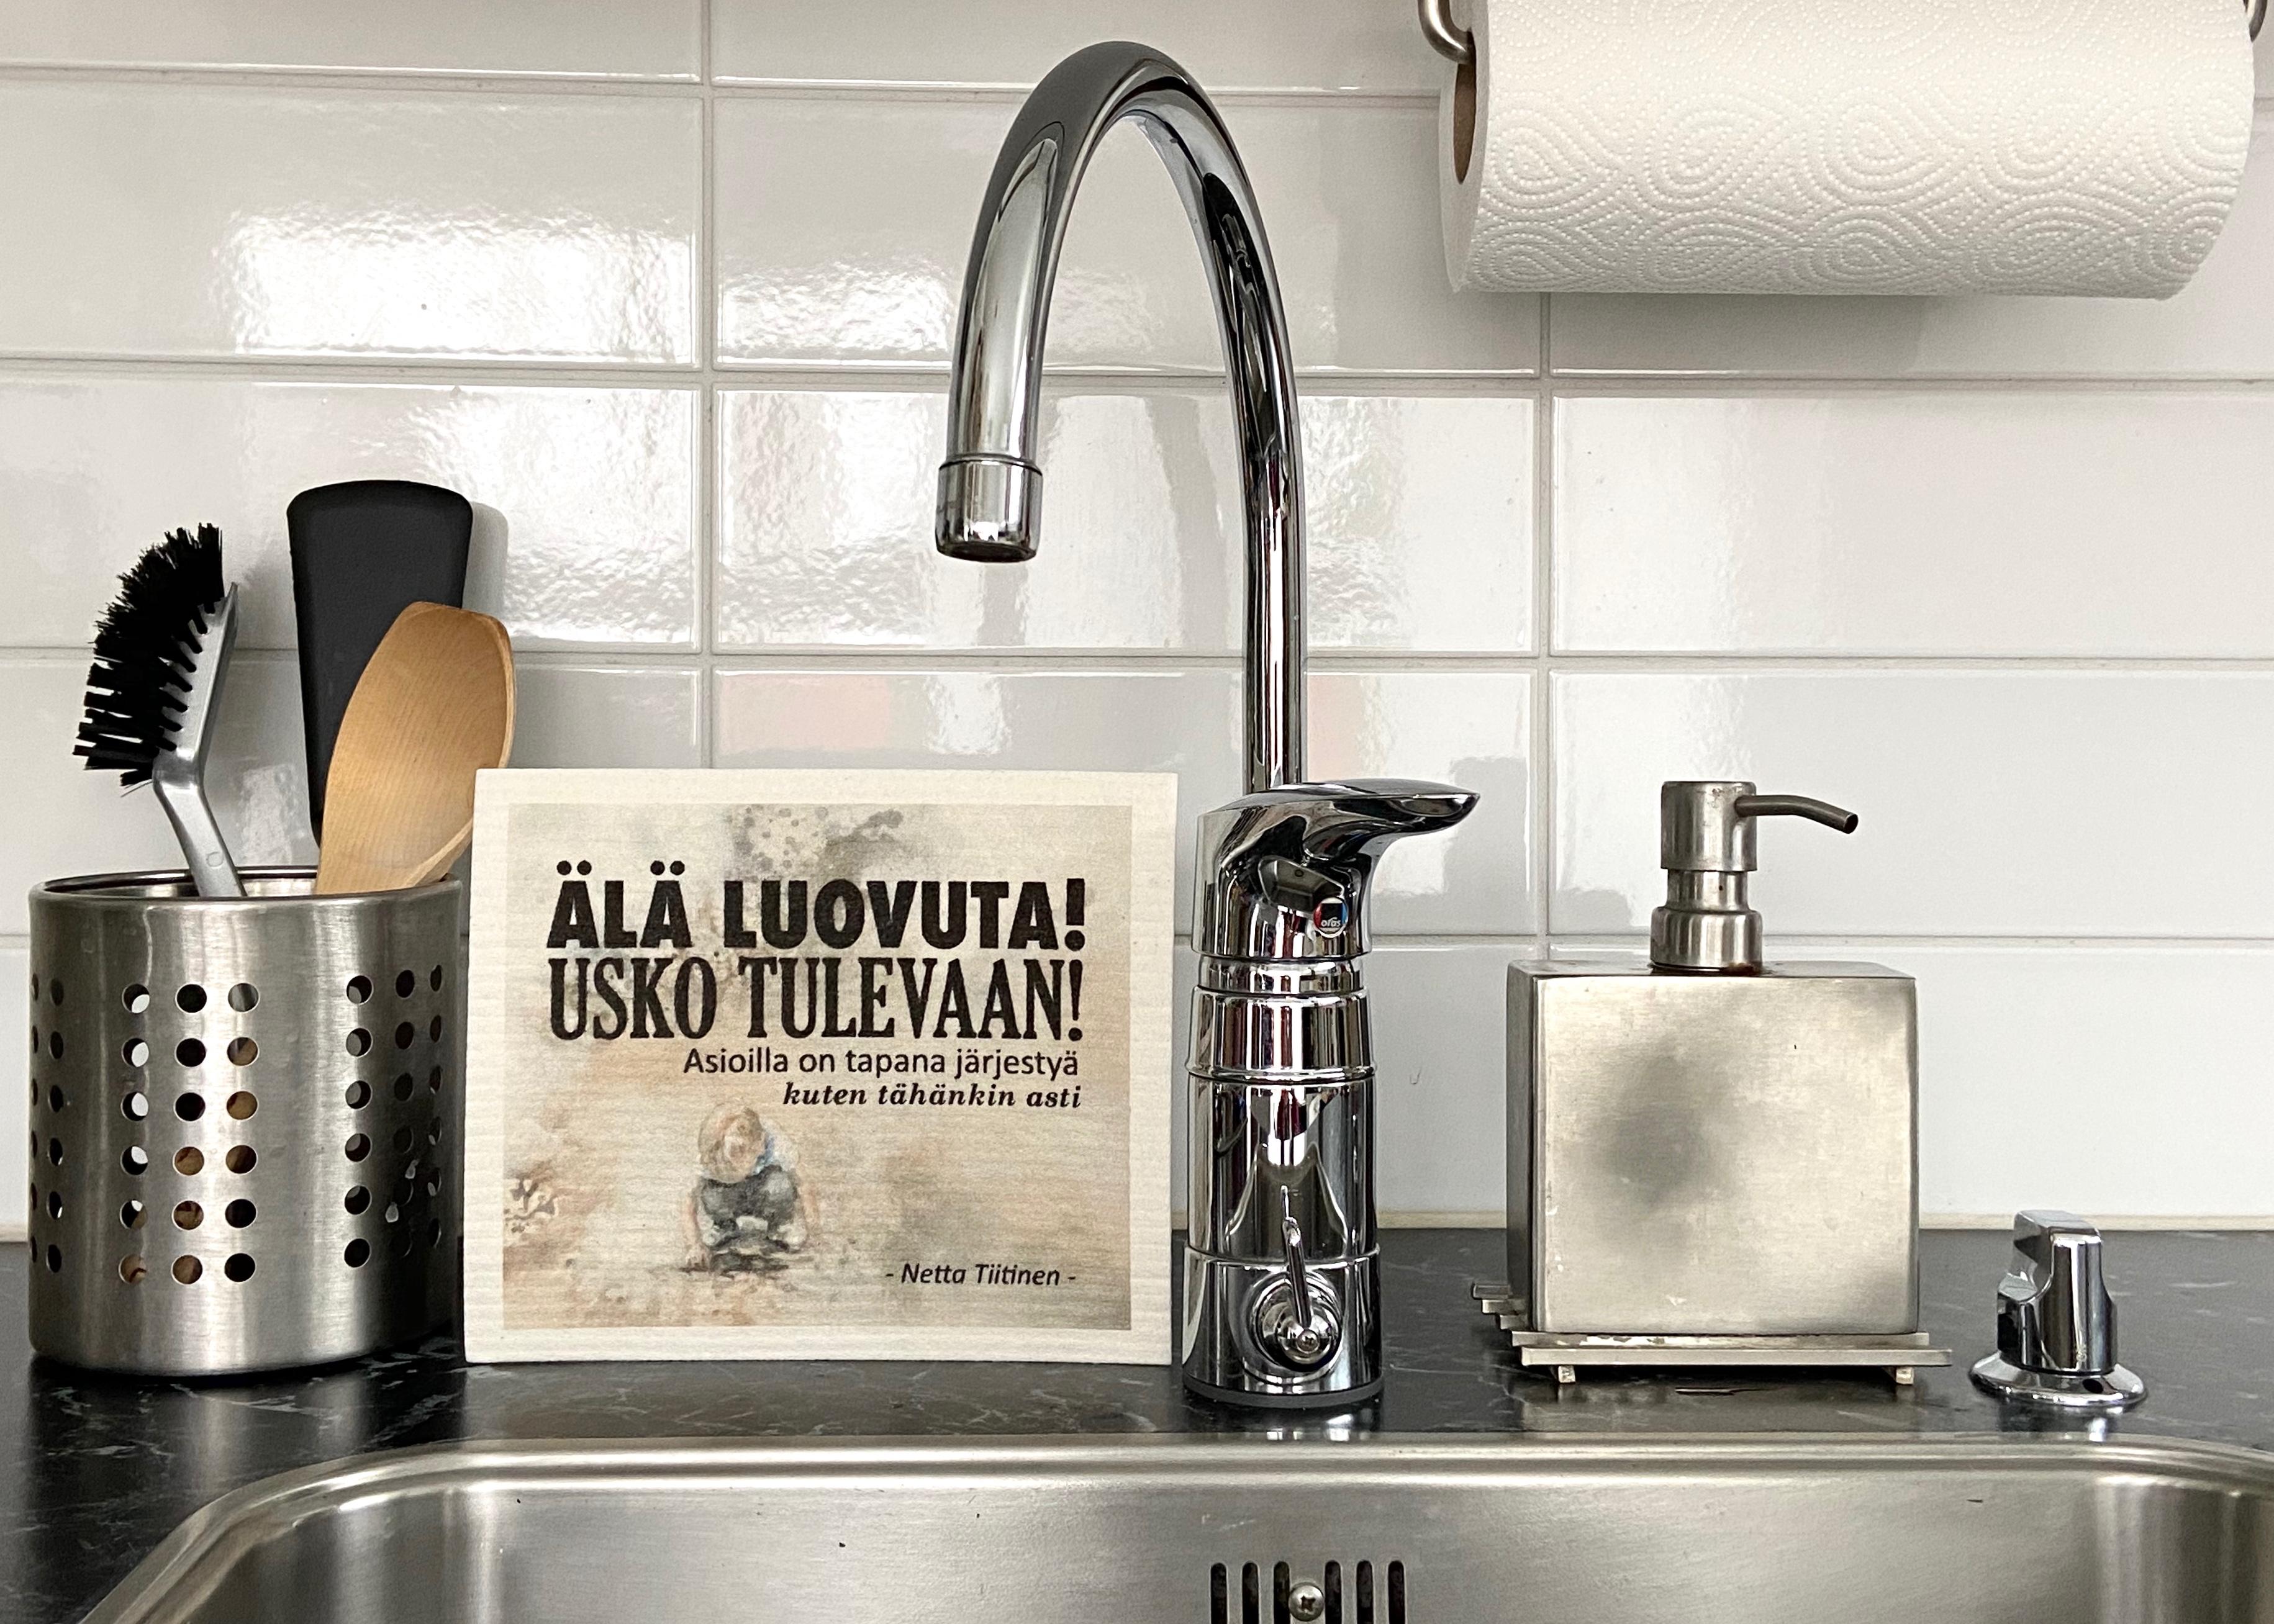 Tiitisen tiskirätit ASIOILLA ON TAPANA JÄRJESTYÄ - 2